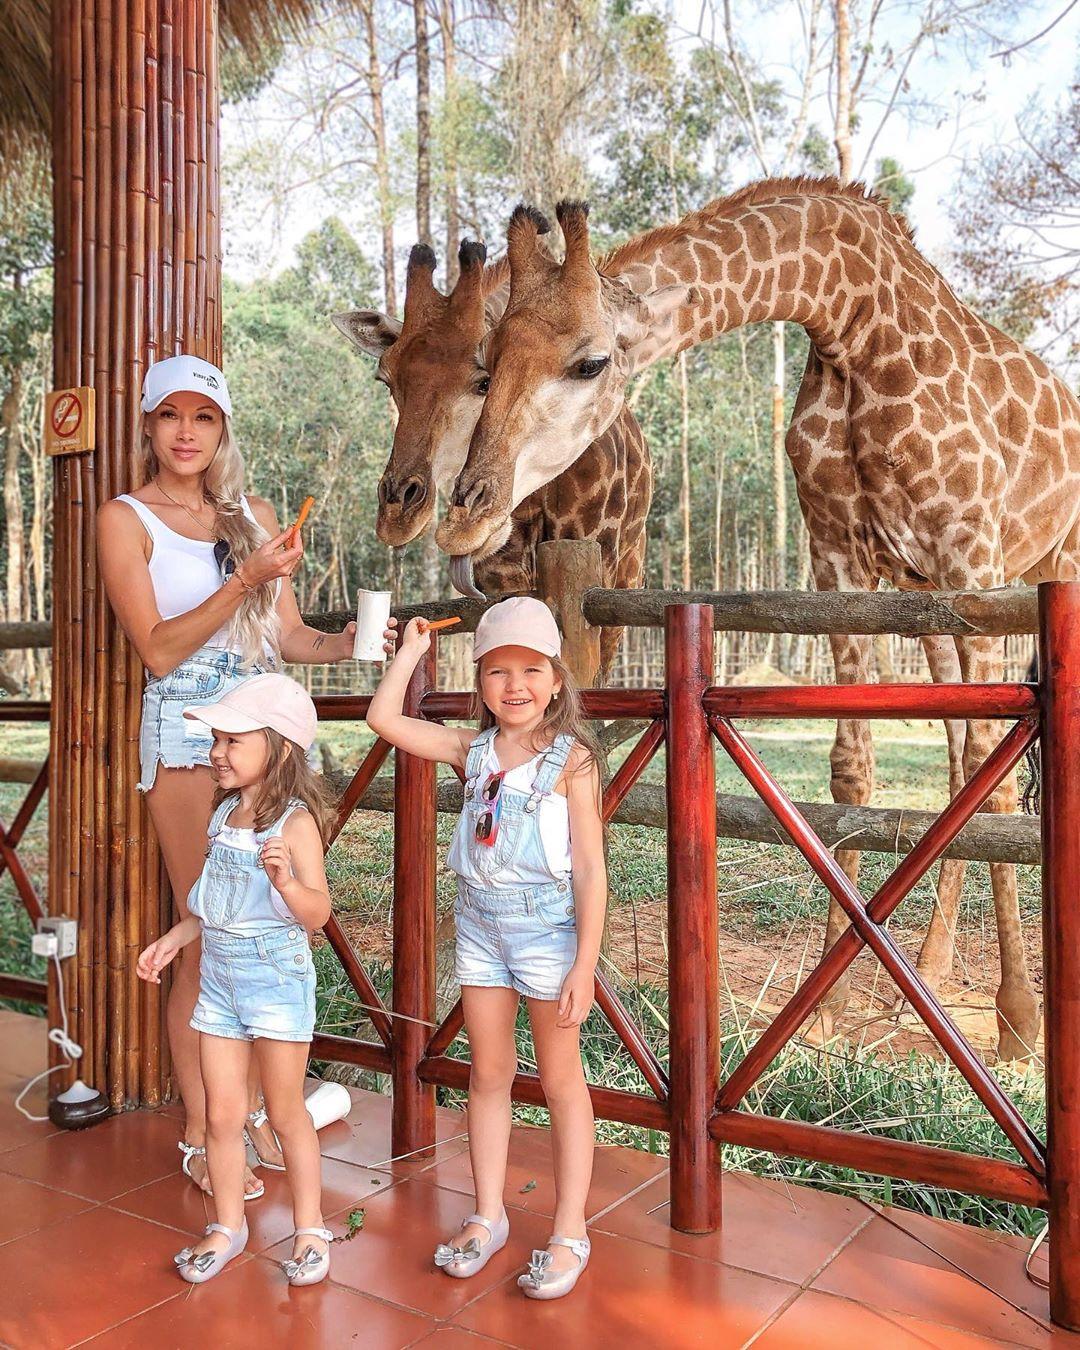 Khu-vui-choi-o-phu-quoc-vinpearl-safari